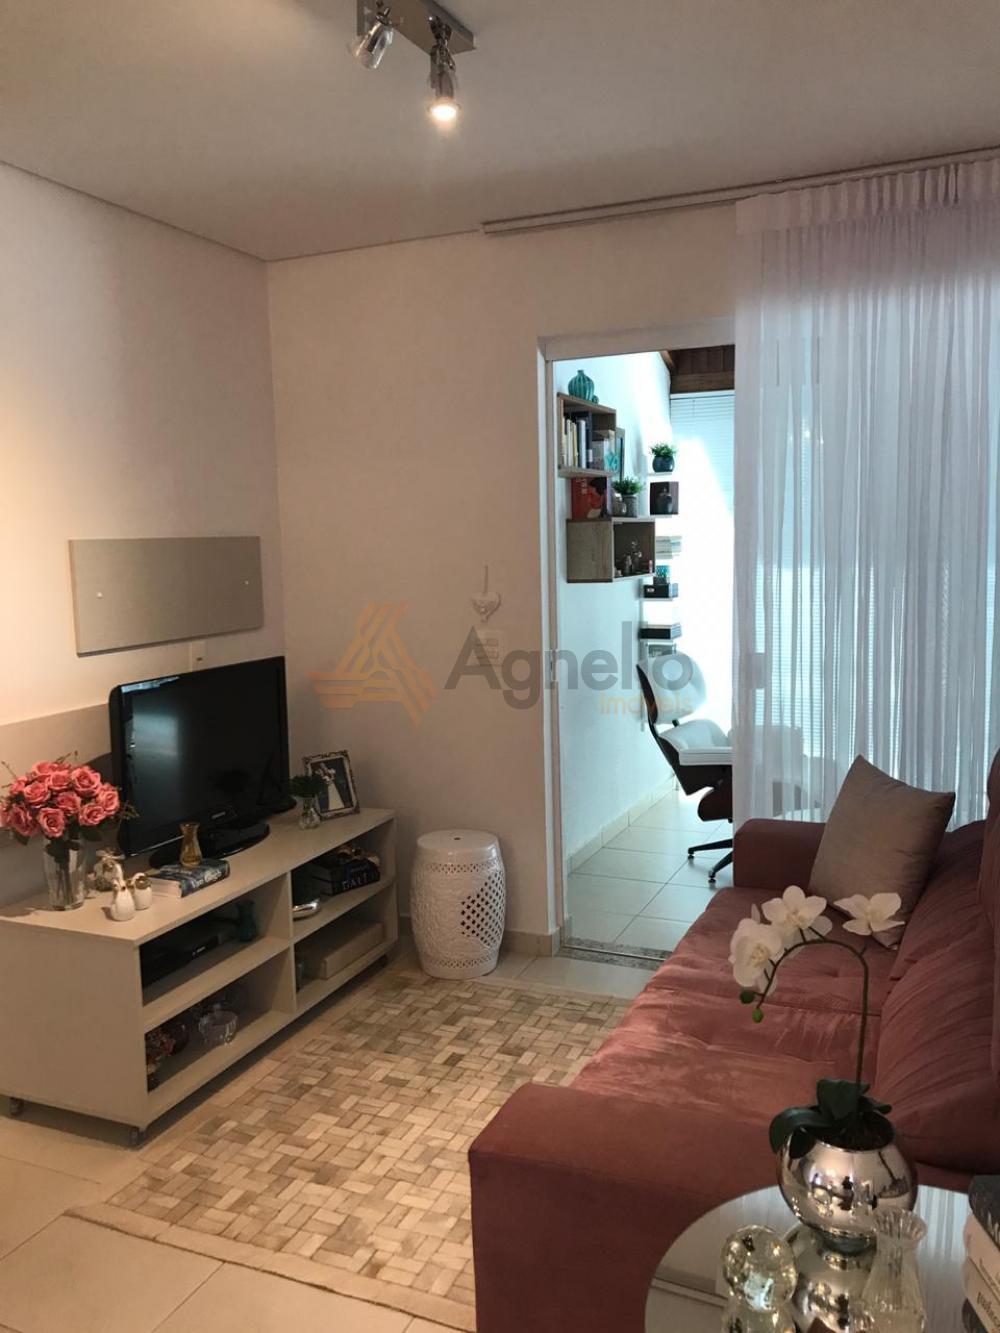 Comprar Casa / Condomínio em Franca R$ 650.000,00 - Foto 3